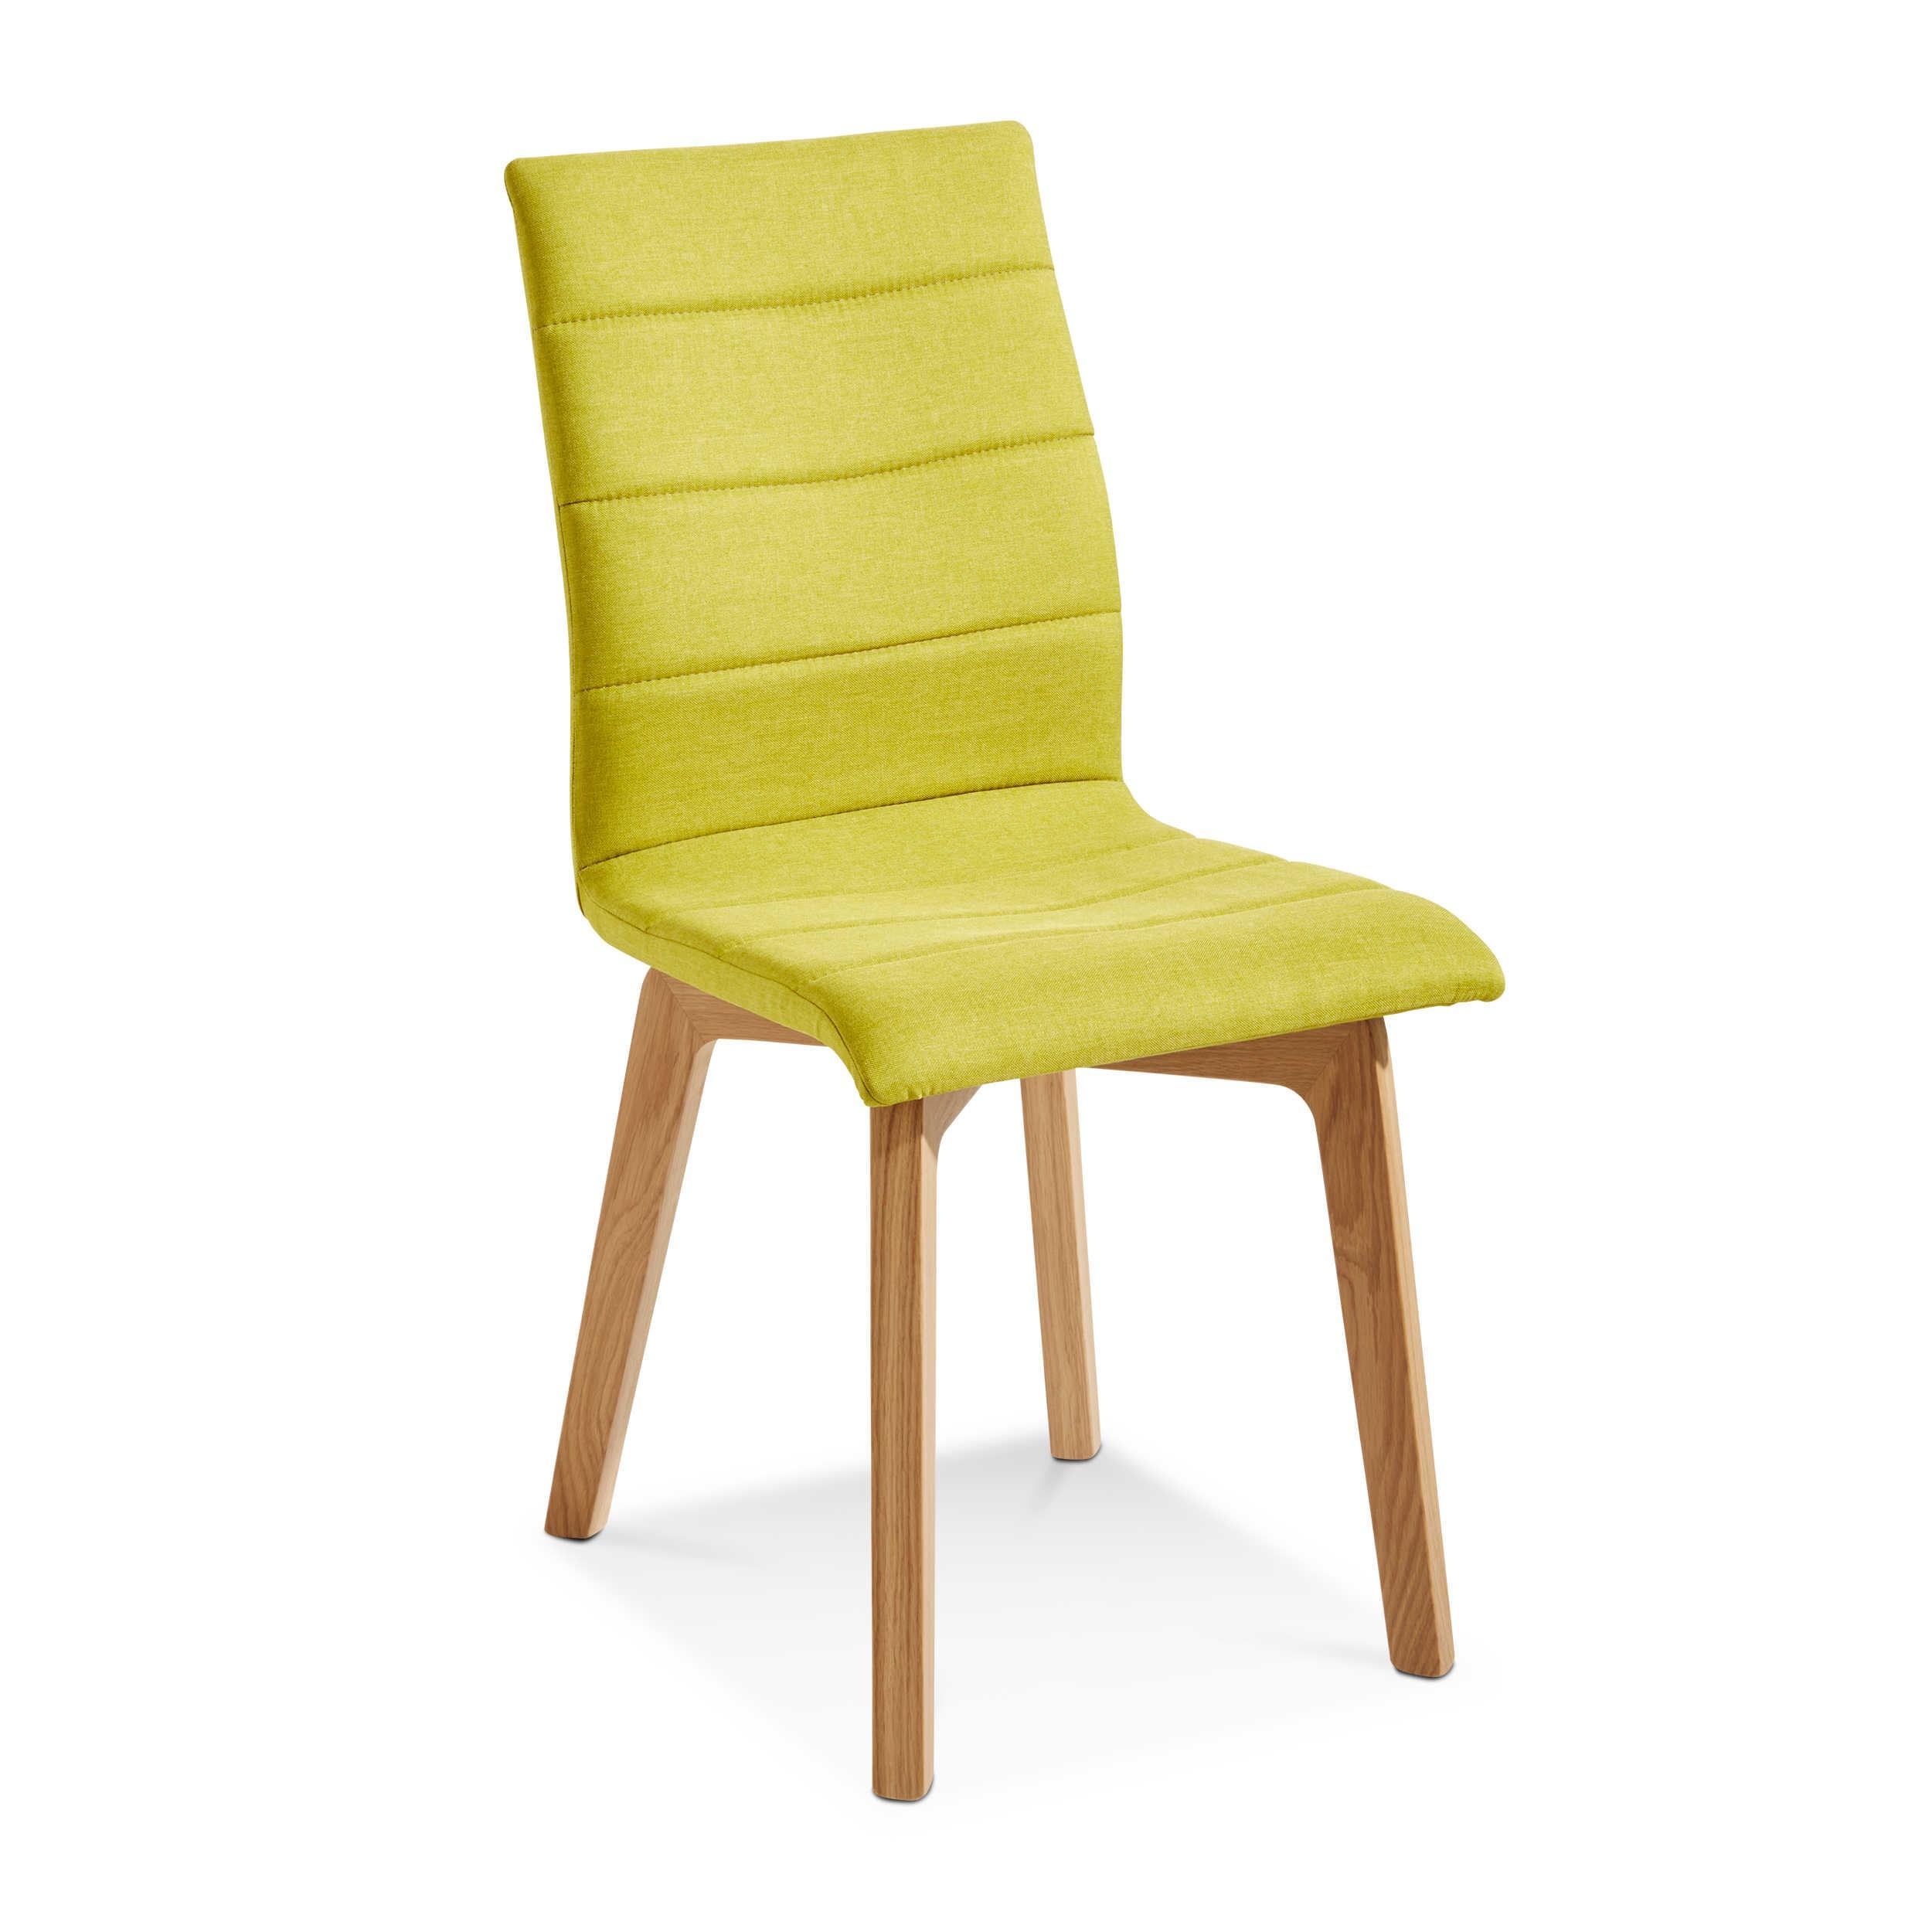 Daheimde Stuhl Nola 2er Set Grün Stoff Online Kaufen Bei Woonio